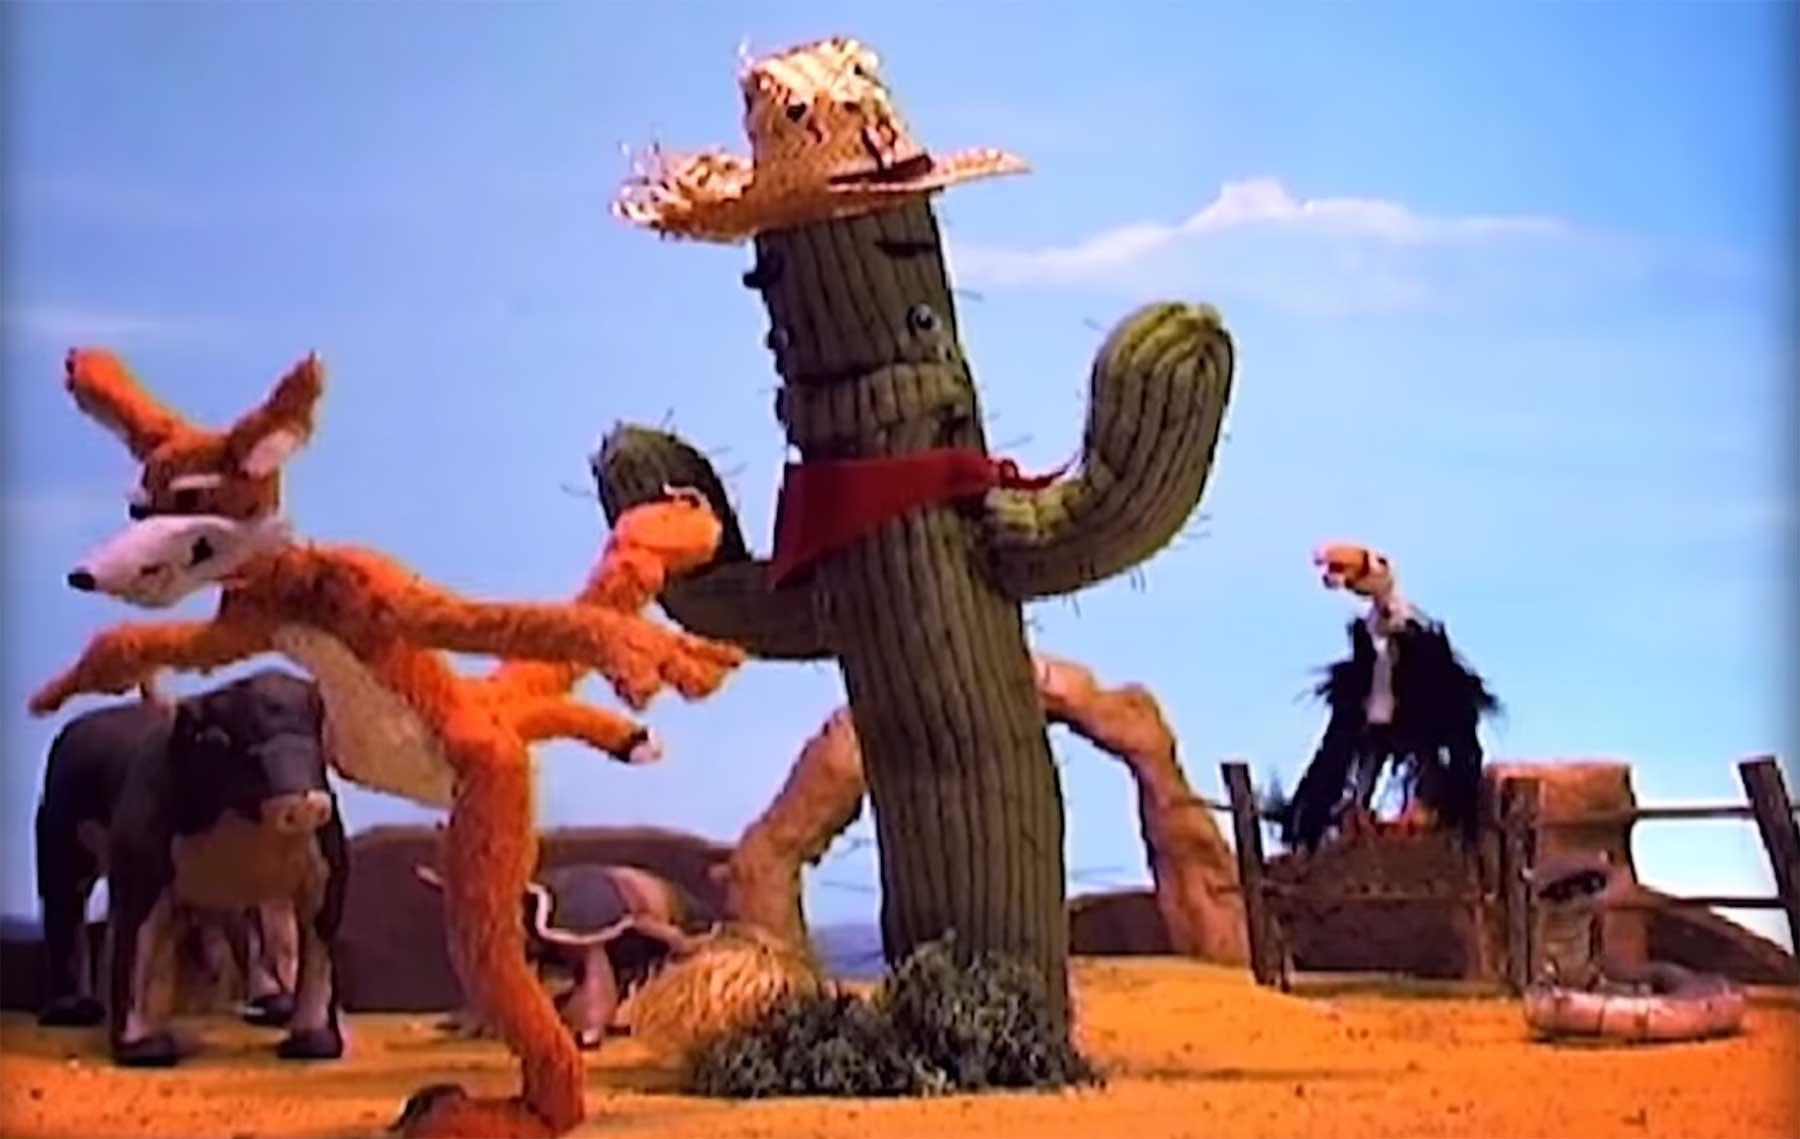 Der Kaktus, der ständig High Fives geben möchte hi-five-the-cactus